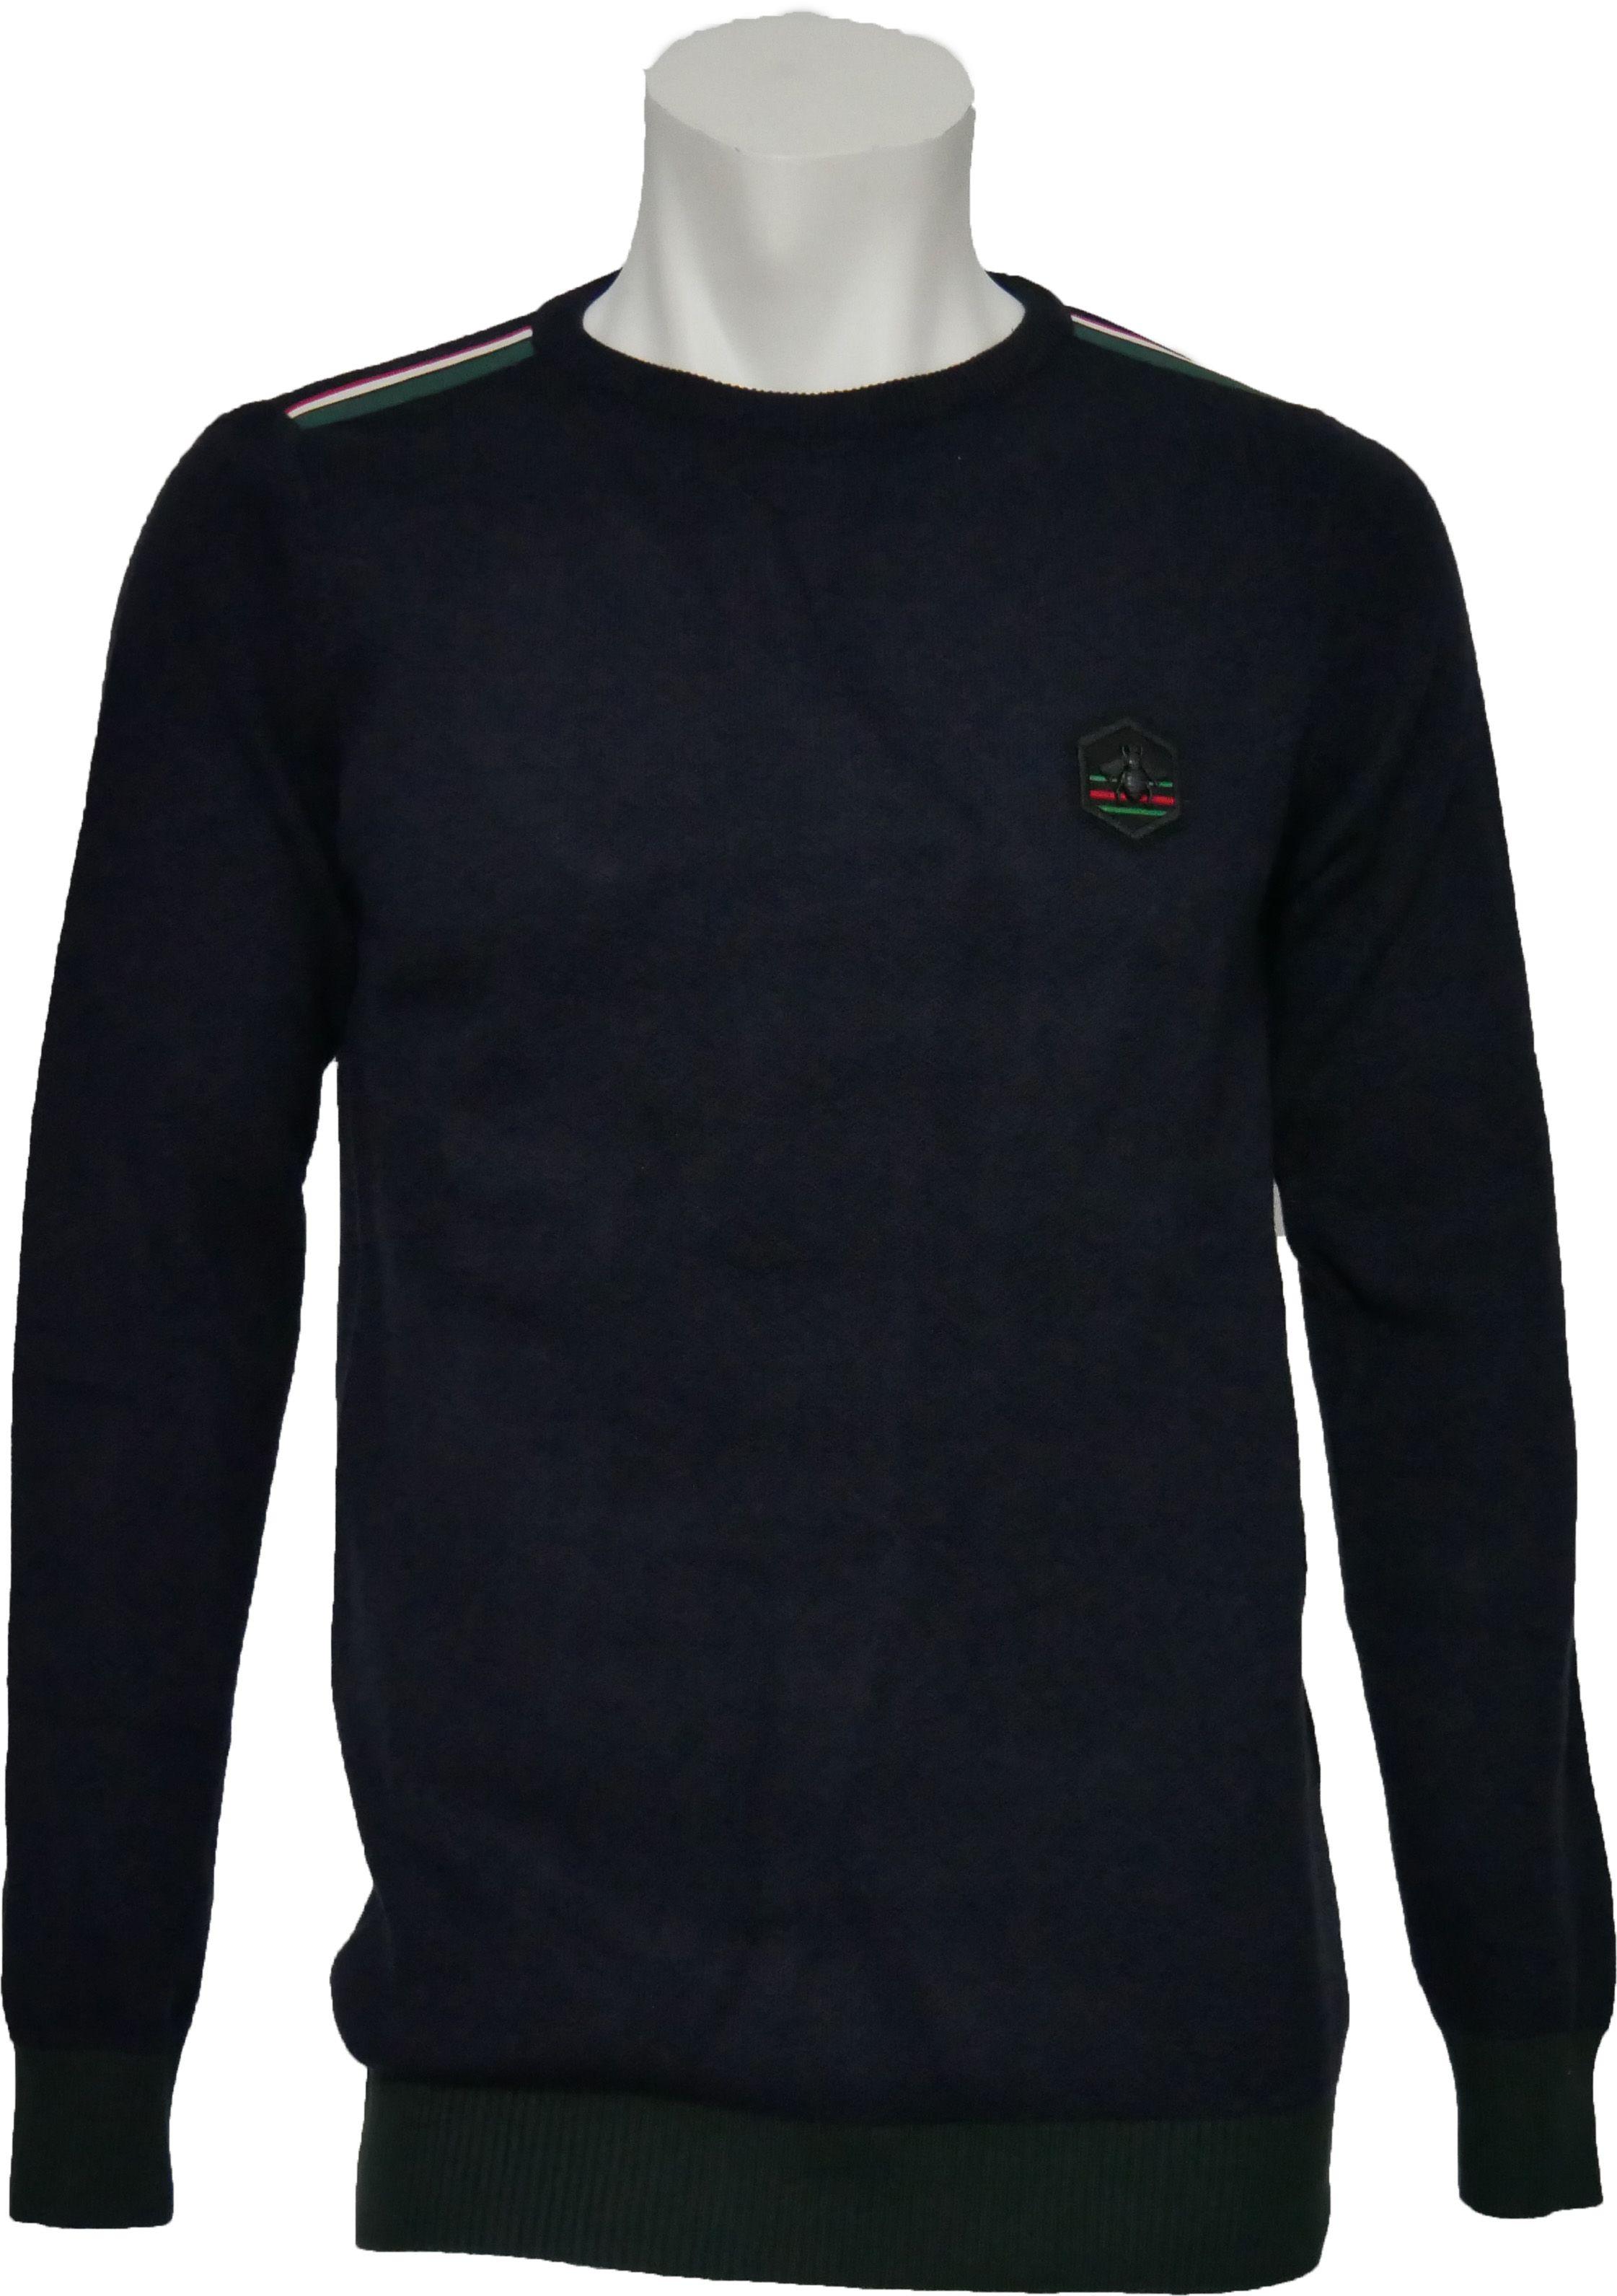 gucci strickpullover / kötött pulóver / sweater in 2020